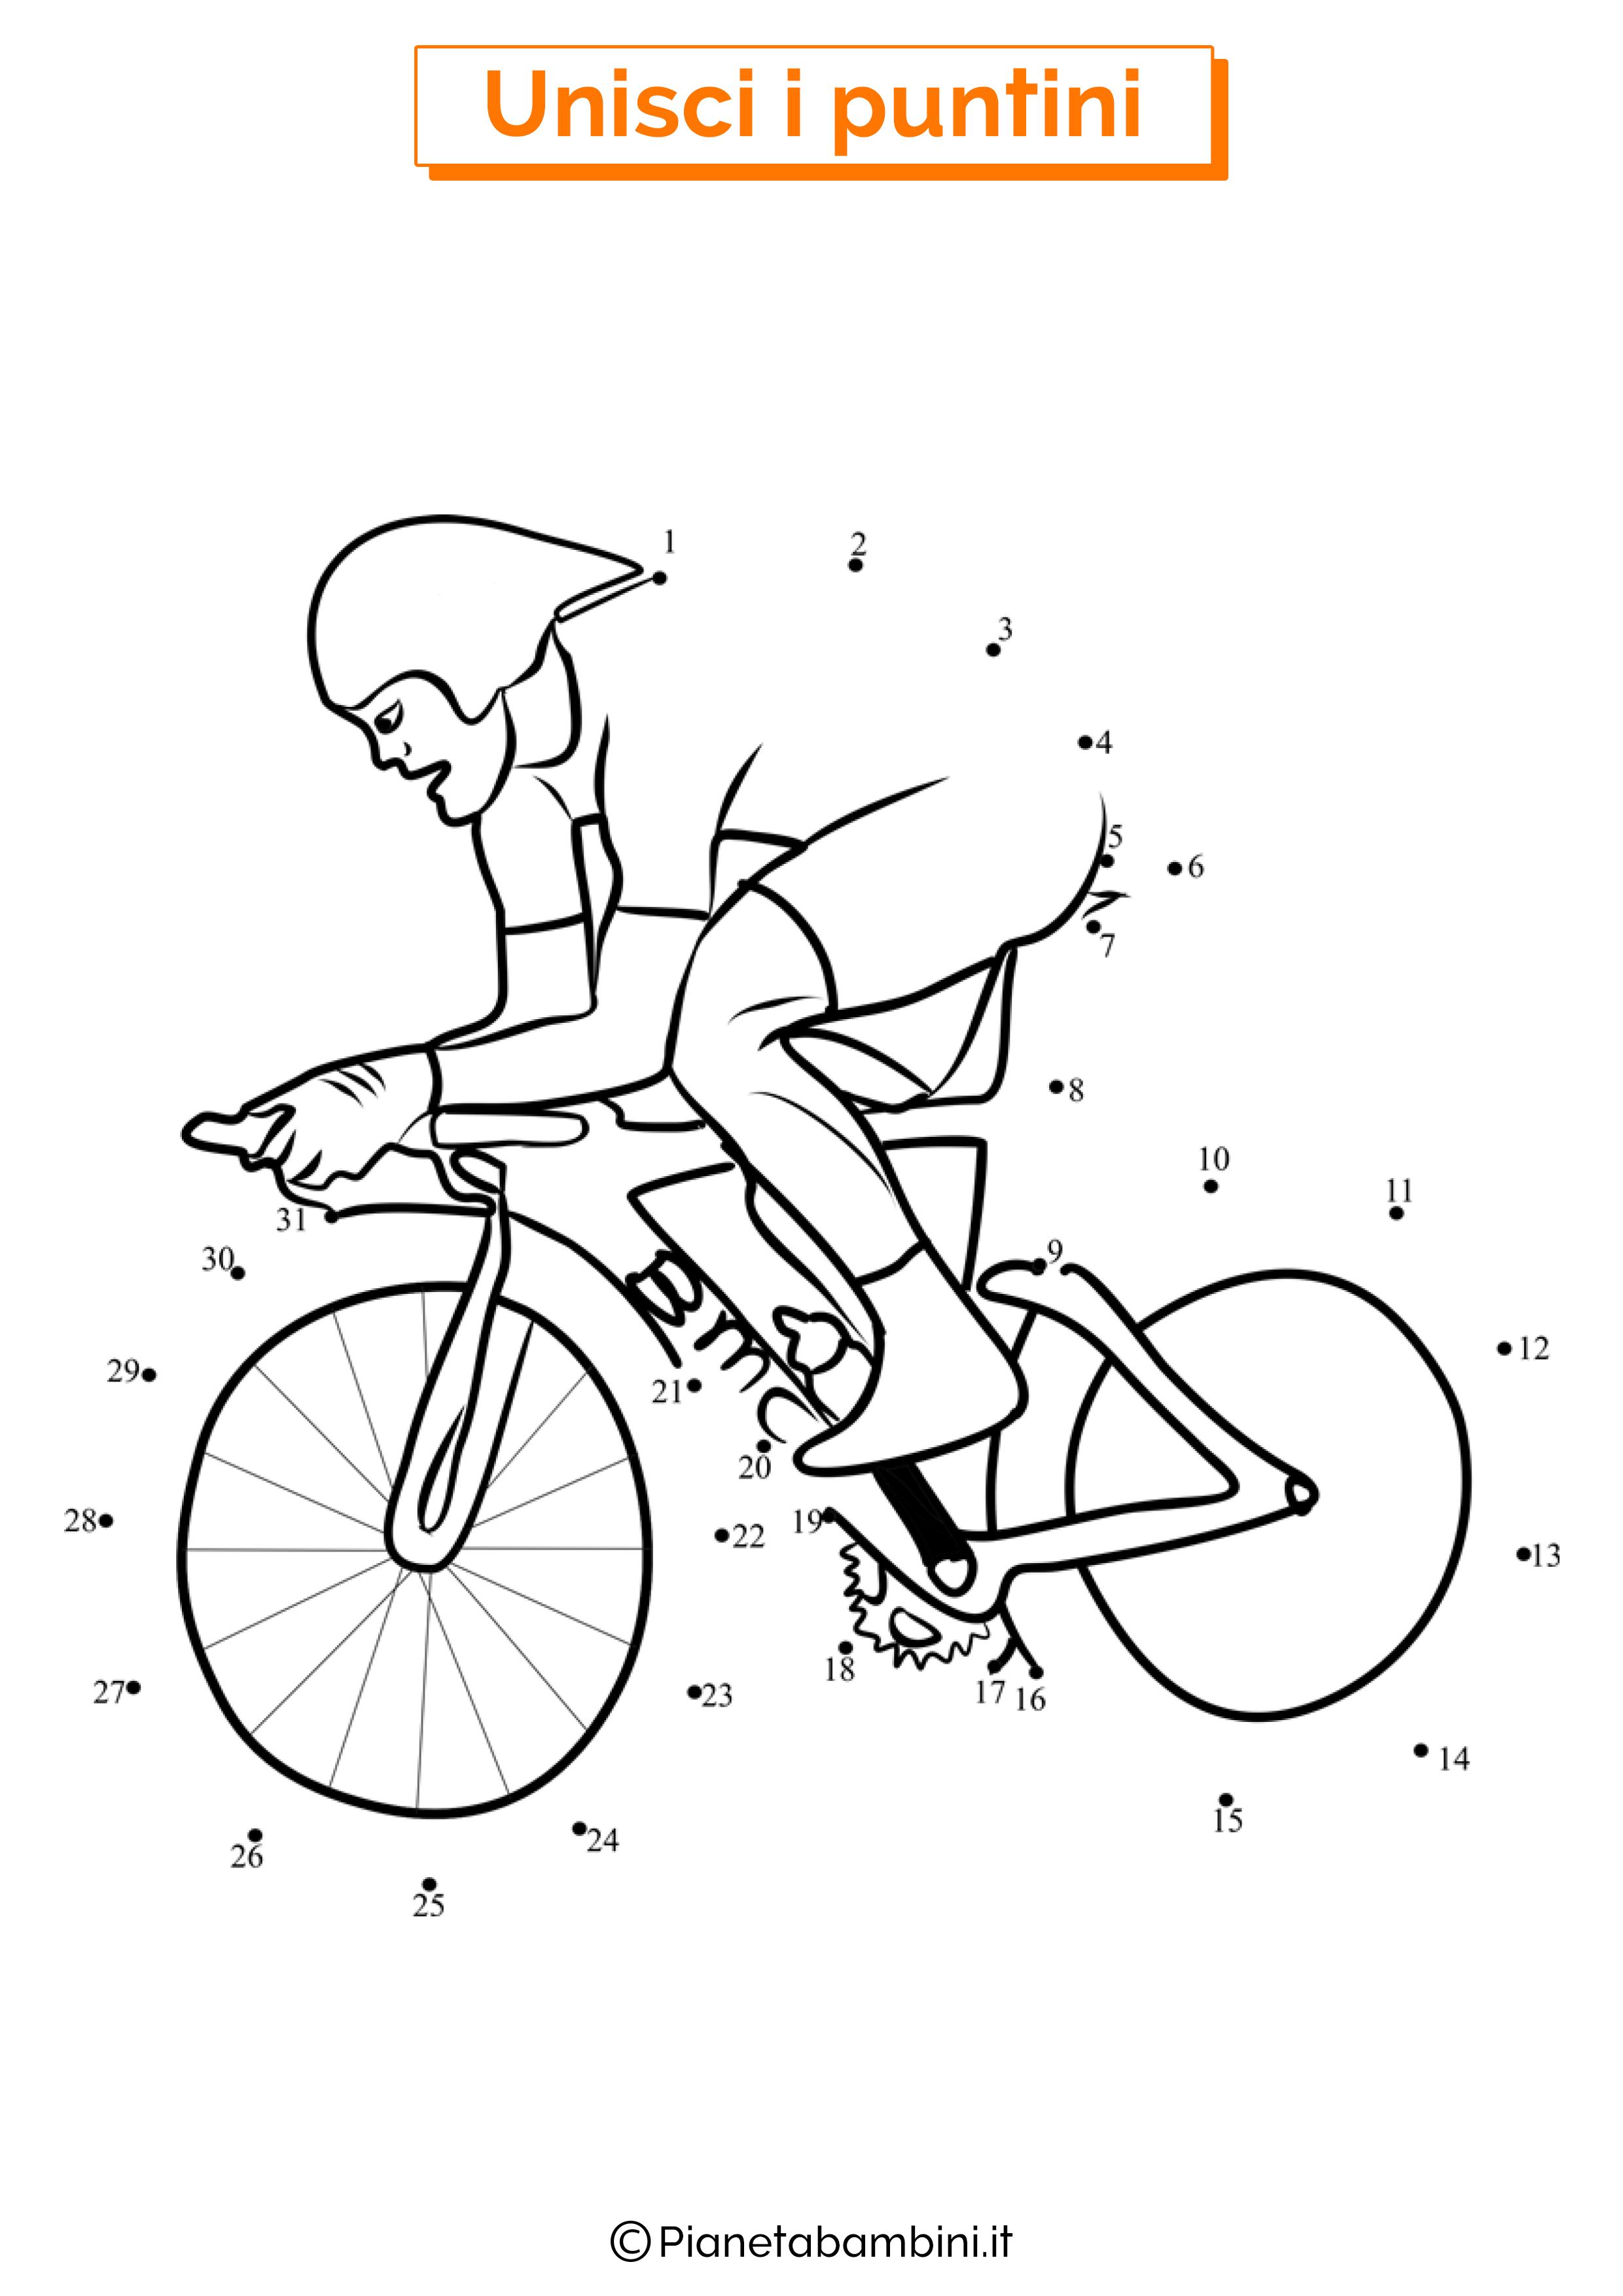 Disegno unisci i puntini ciclismo